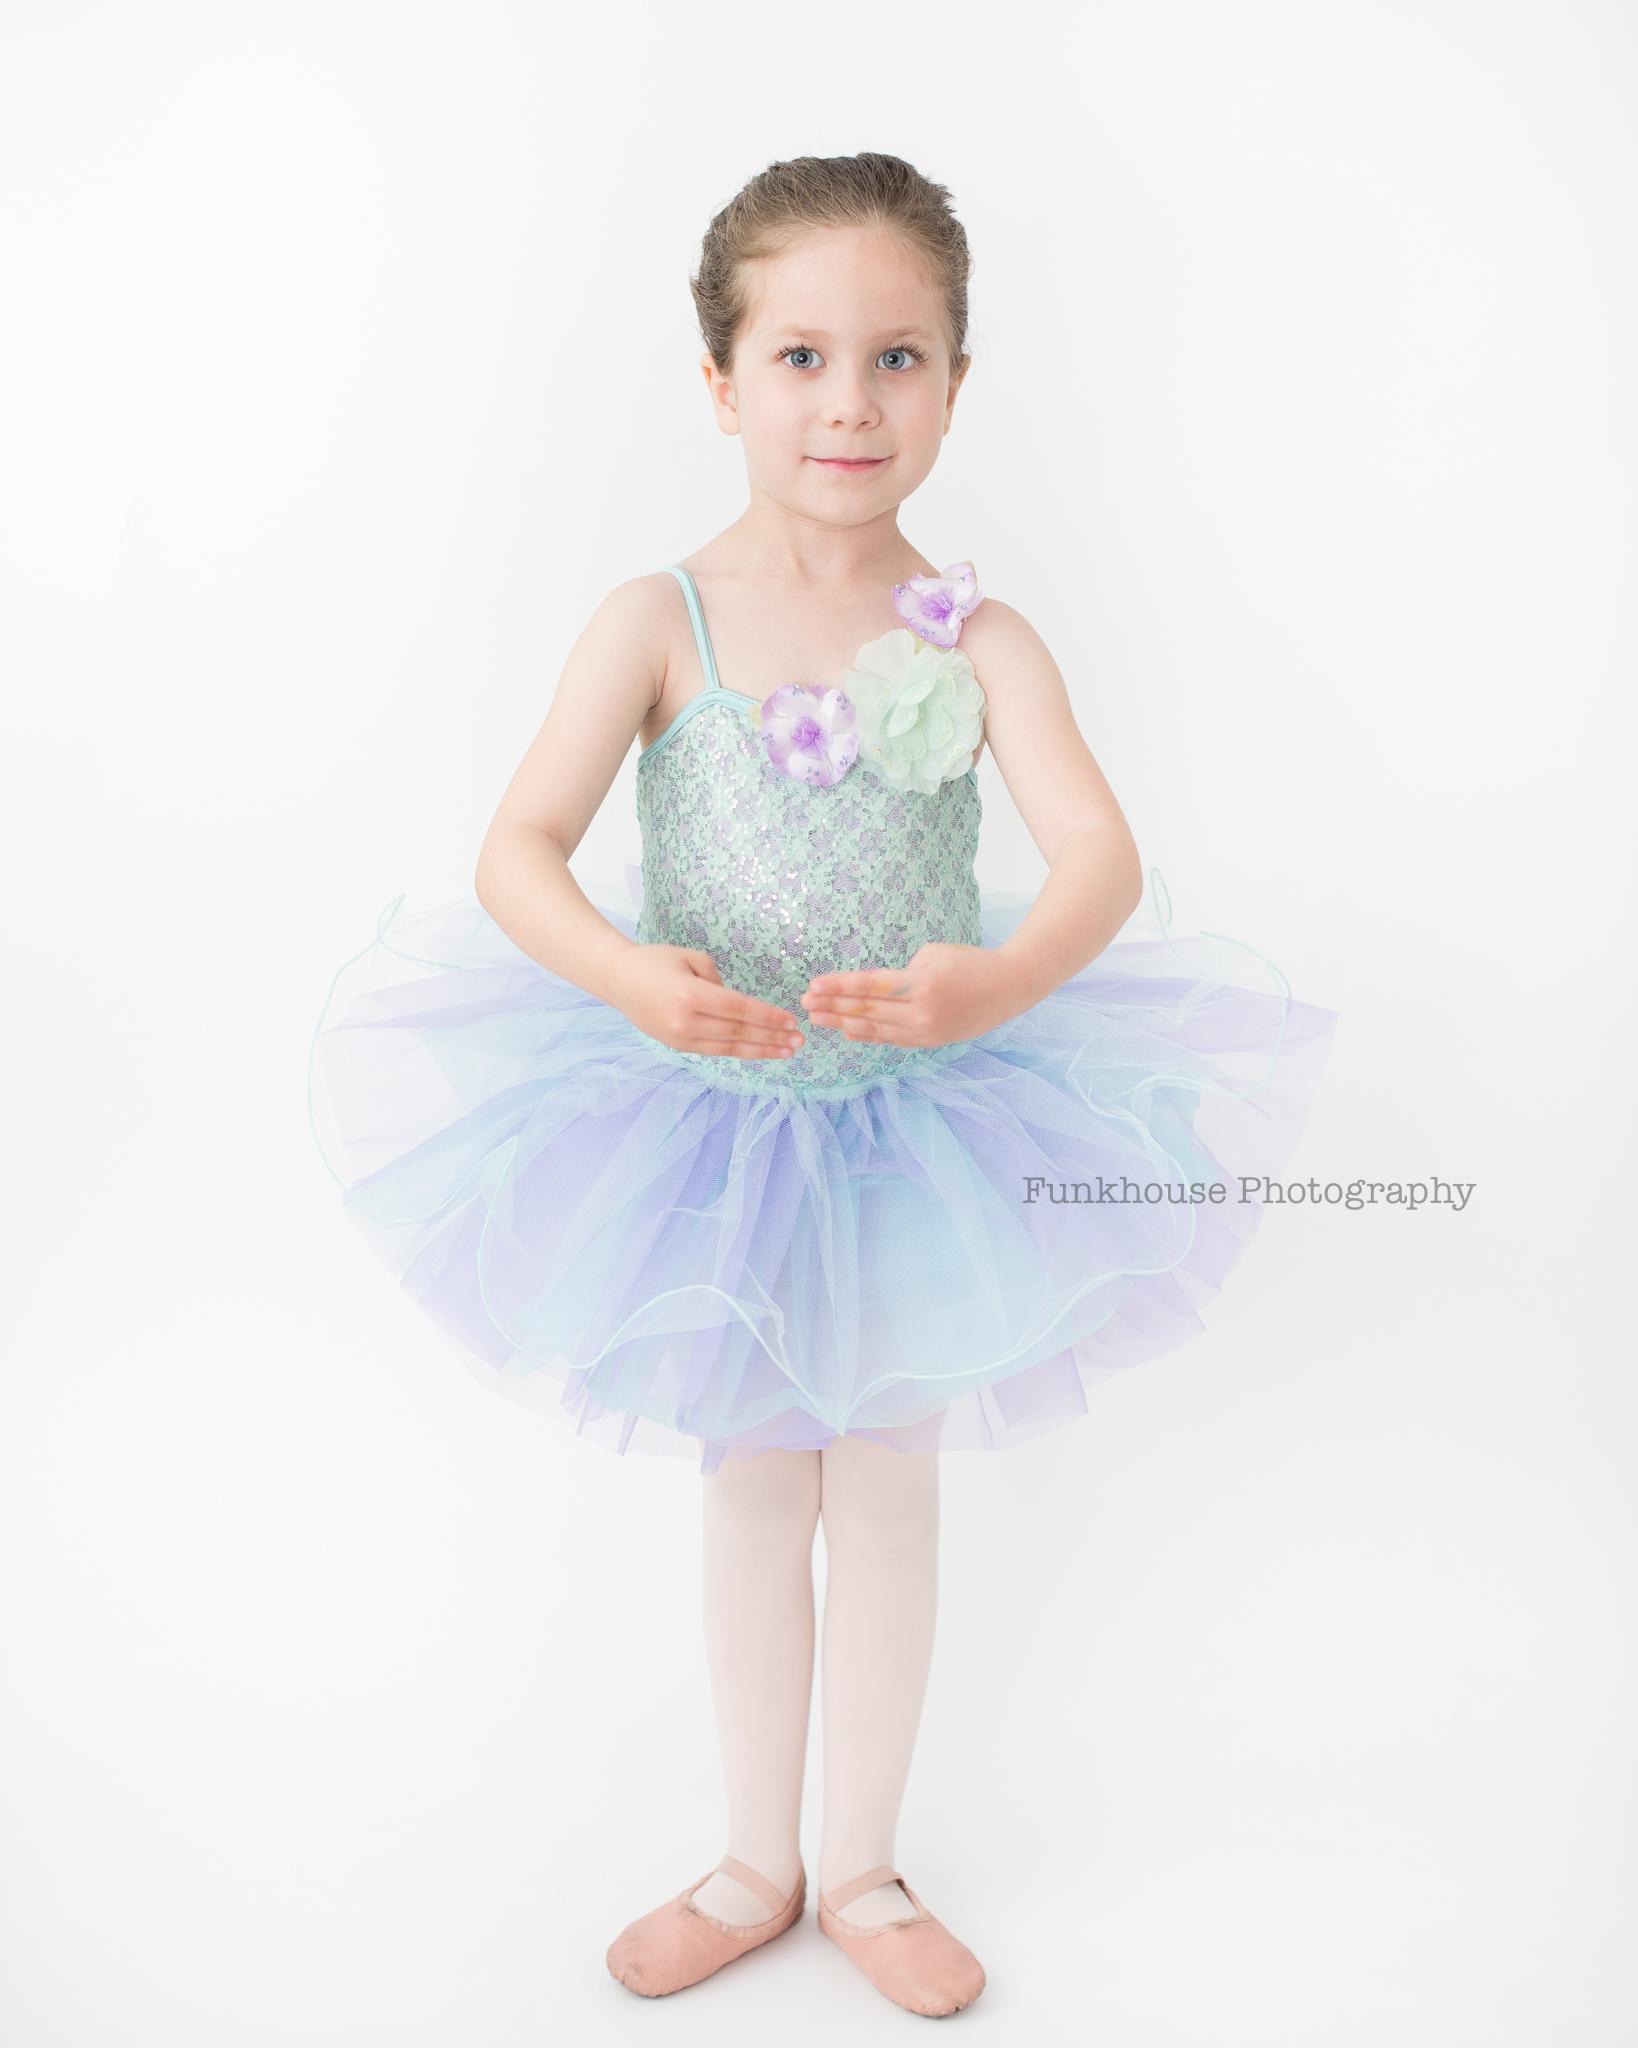 kentlands-ballet-pictures.jpg